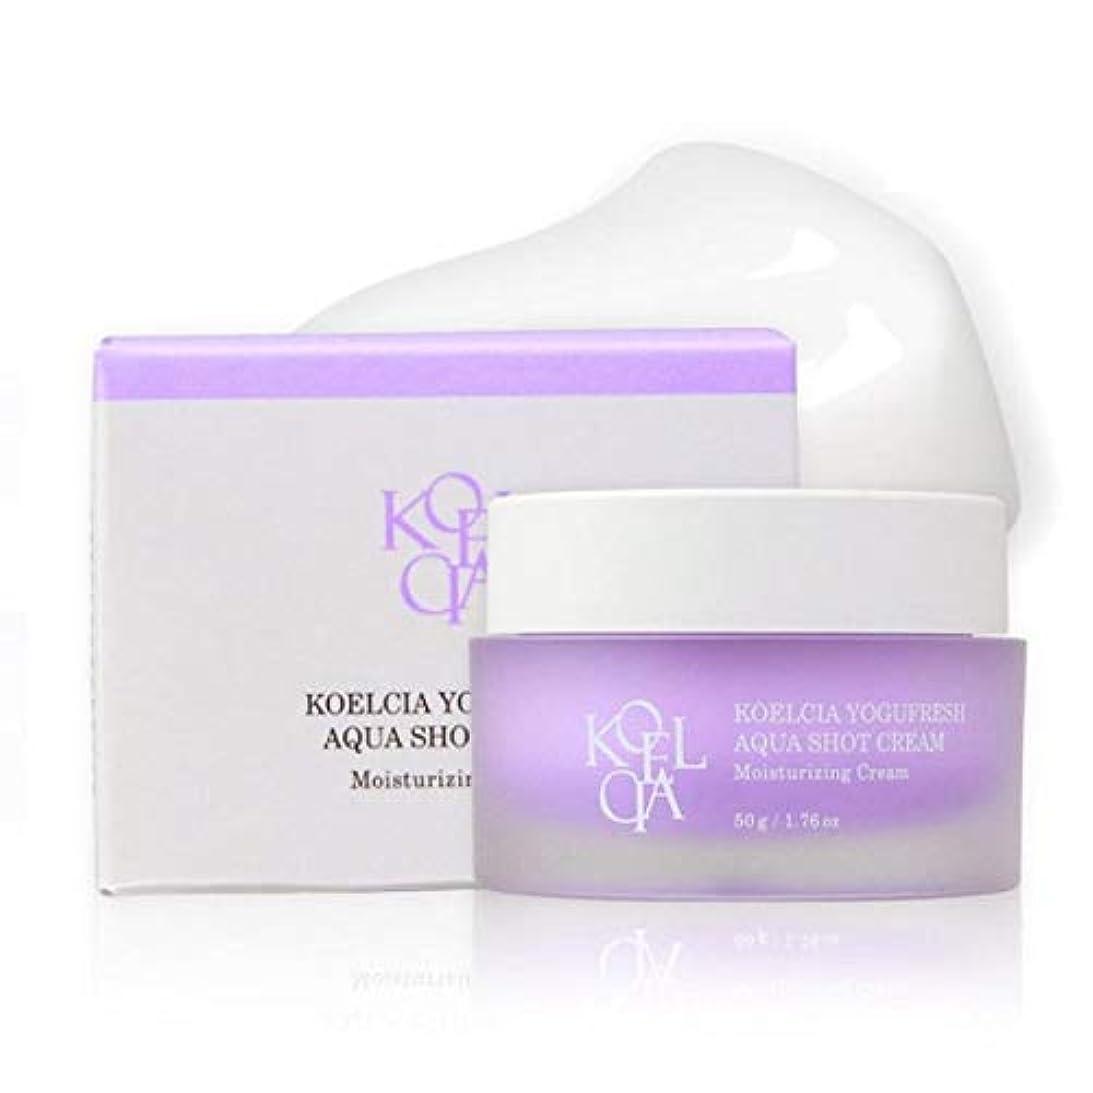 プロトタイプ人里離れた計算可能KOELCIA YOGUFRESH AQUA SHOT CREAM 50g/Hot K-Beauty Best Moisture Cream/Korea Cosmetics [並行輸入品]